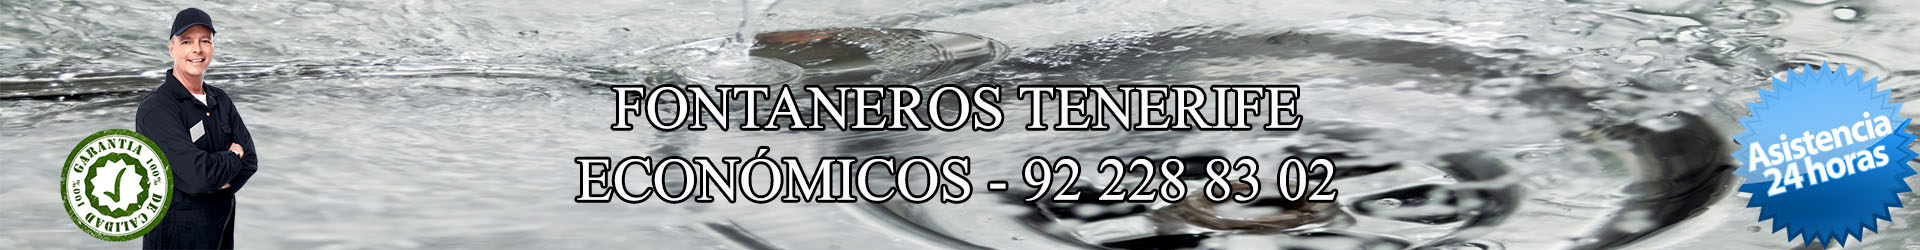 Fontaneros tenerife muy baratos telf 922 28 83 02 - Fontaneros en tenerife ...